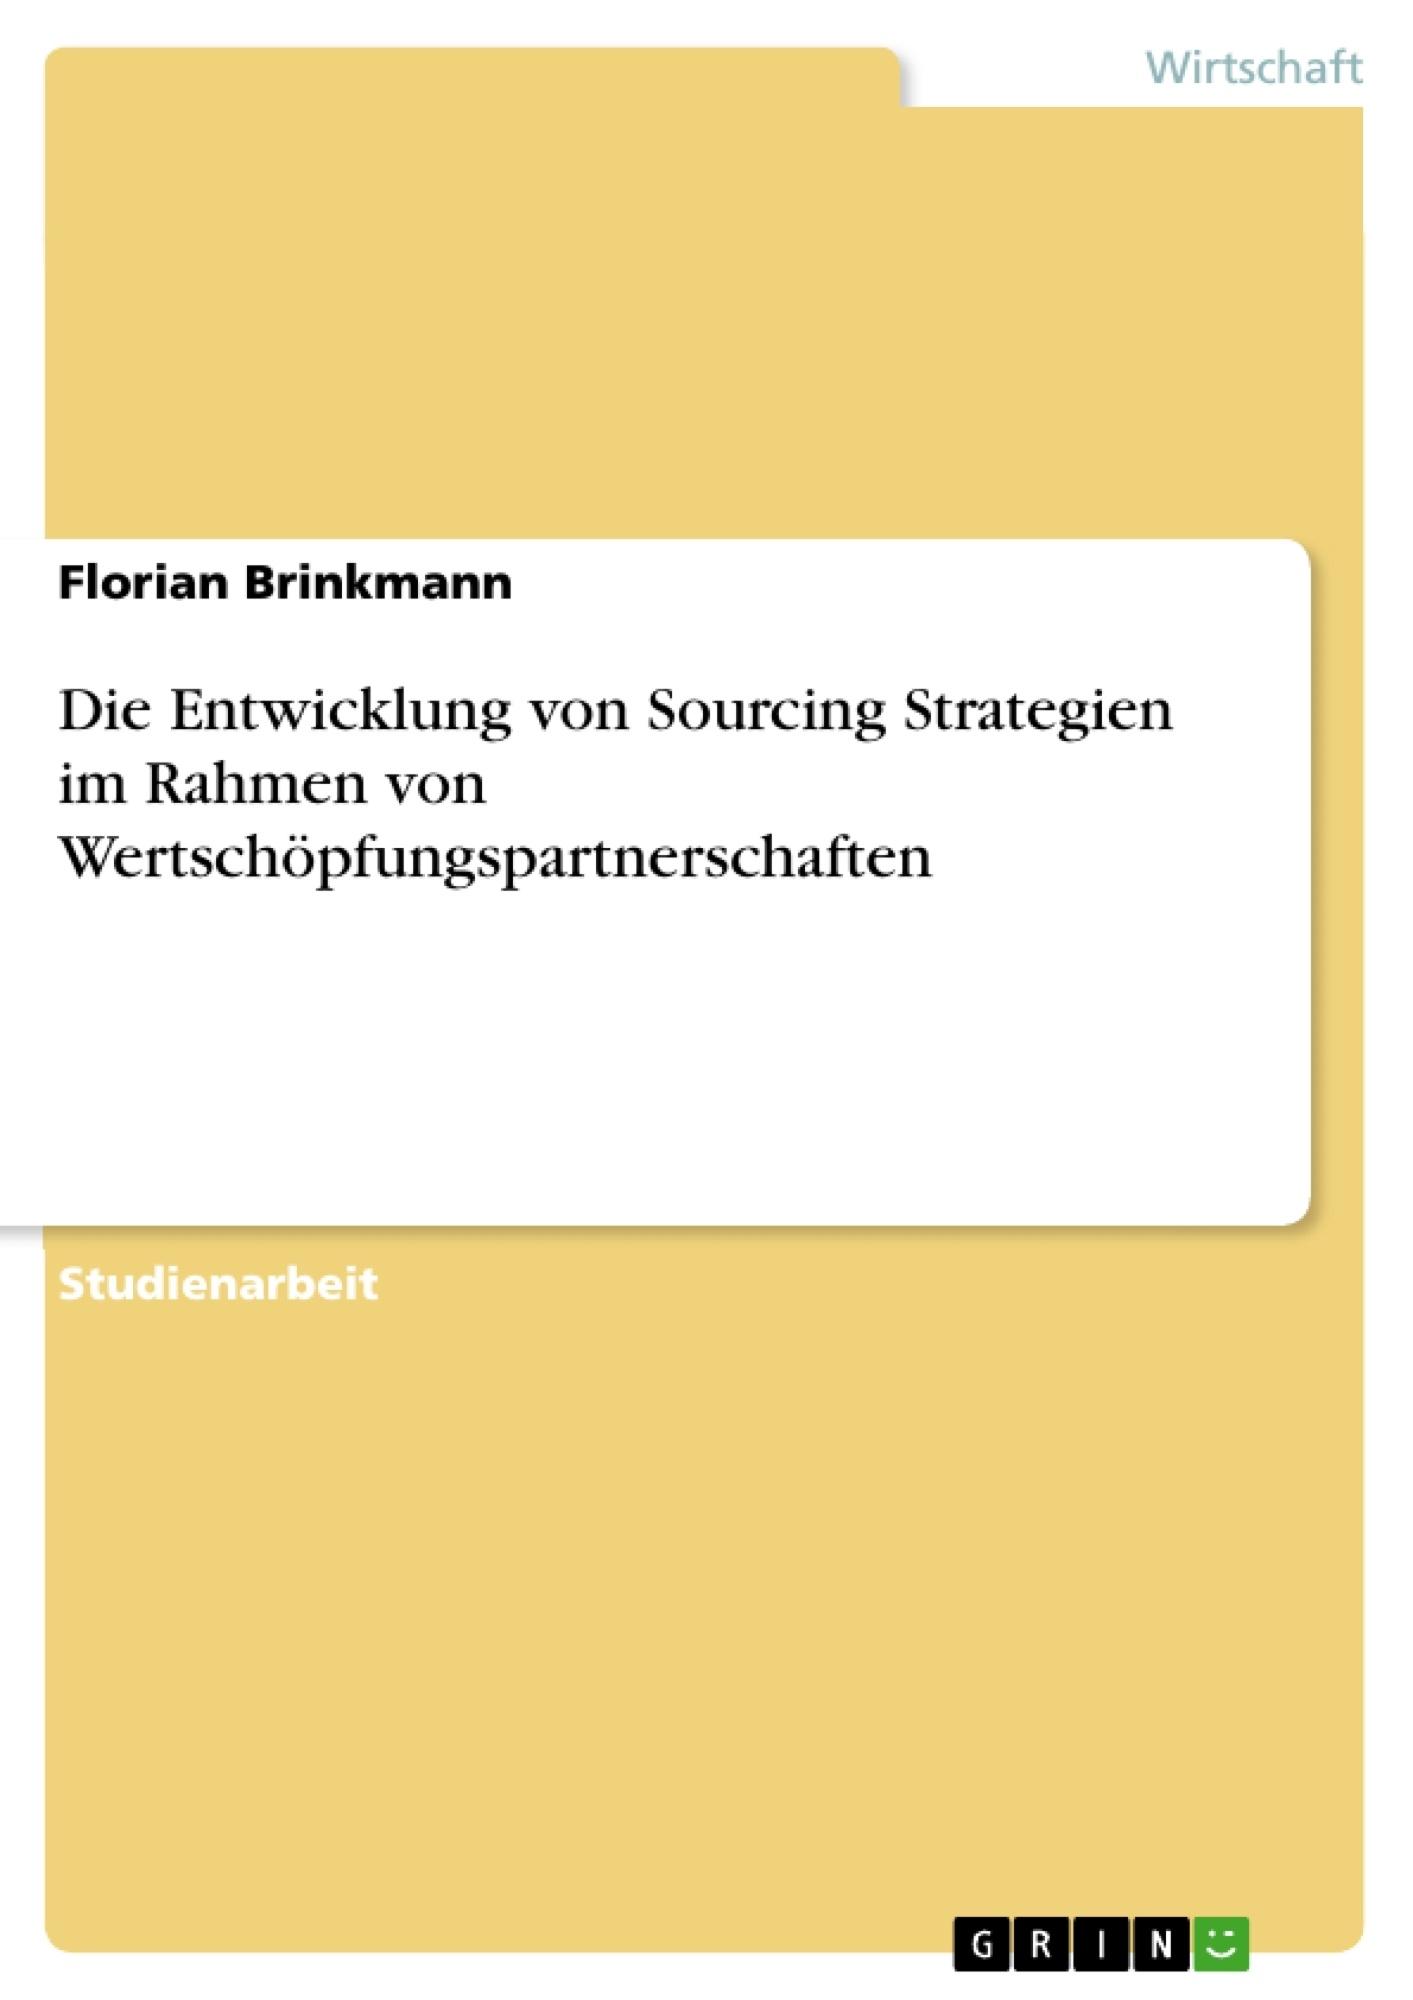 Titel: Die Entwicklung von Sourcing Strategien im Rahmen von Wertschöpfungspartnerschaften